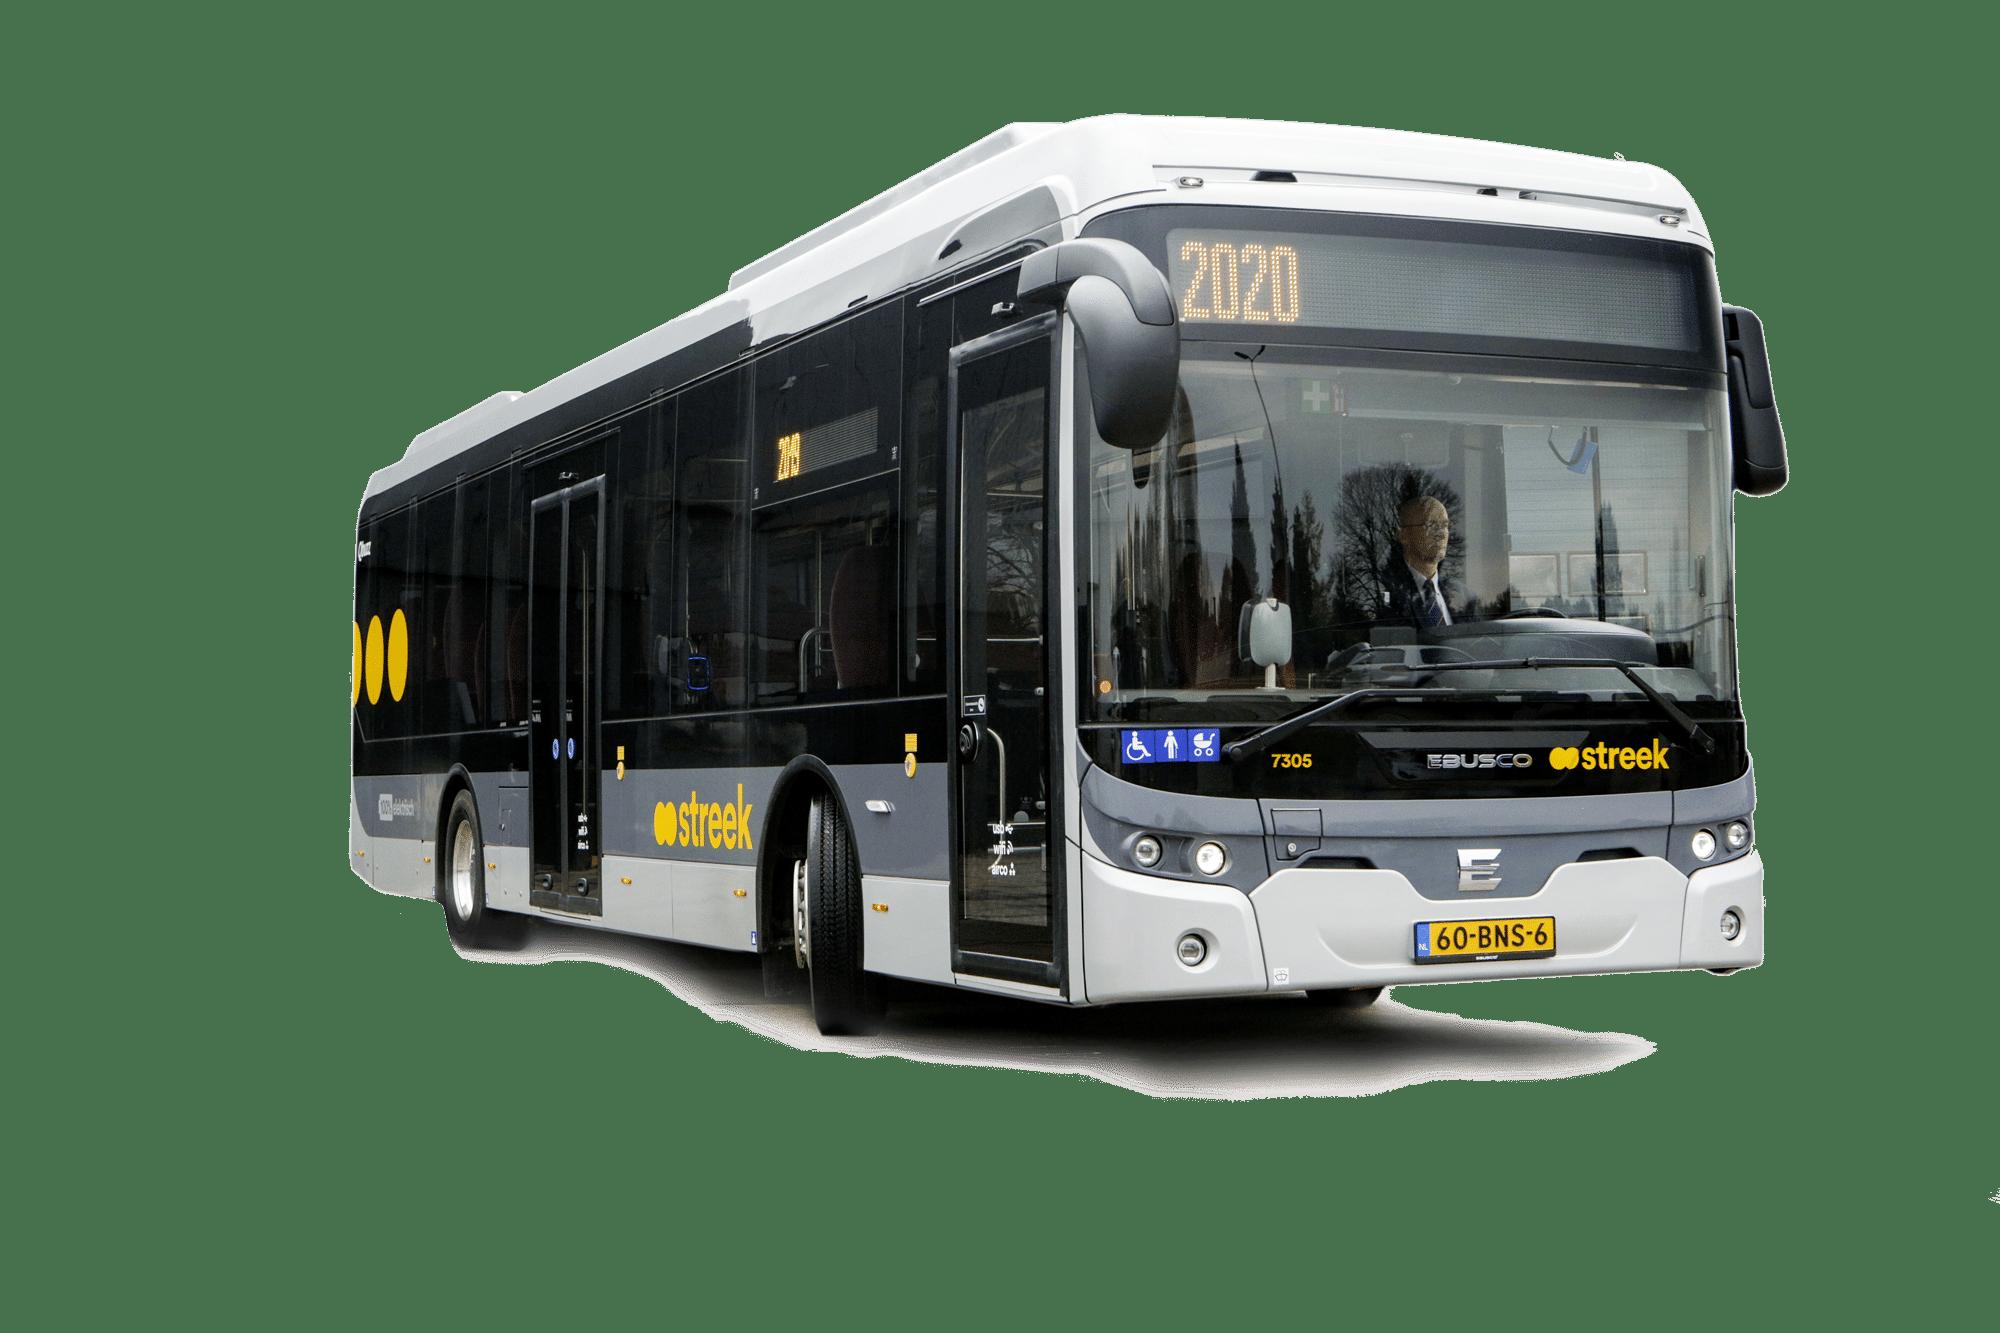 Ebusco 2.2 GD bus